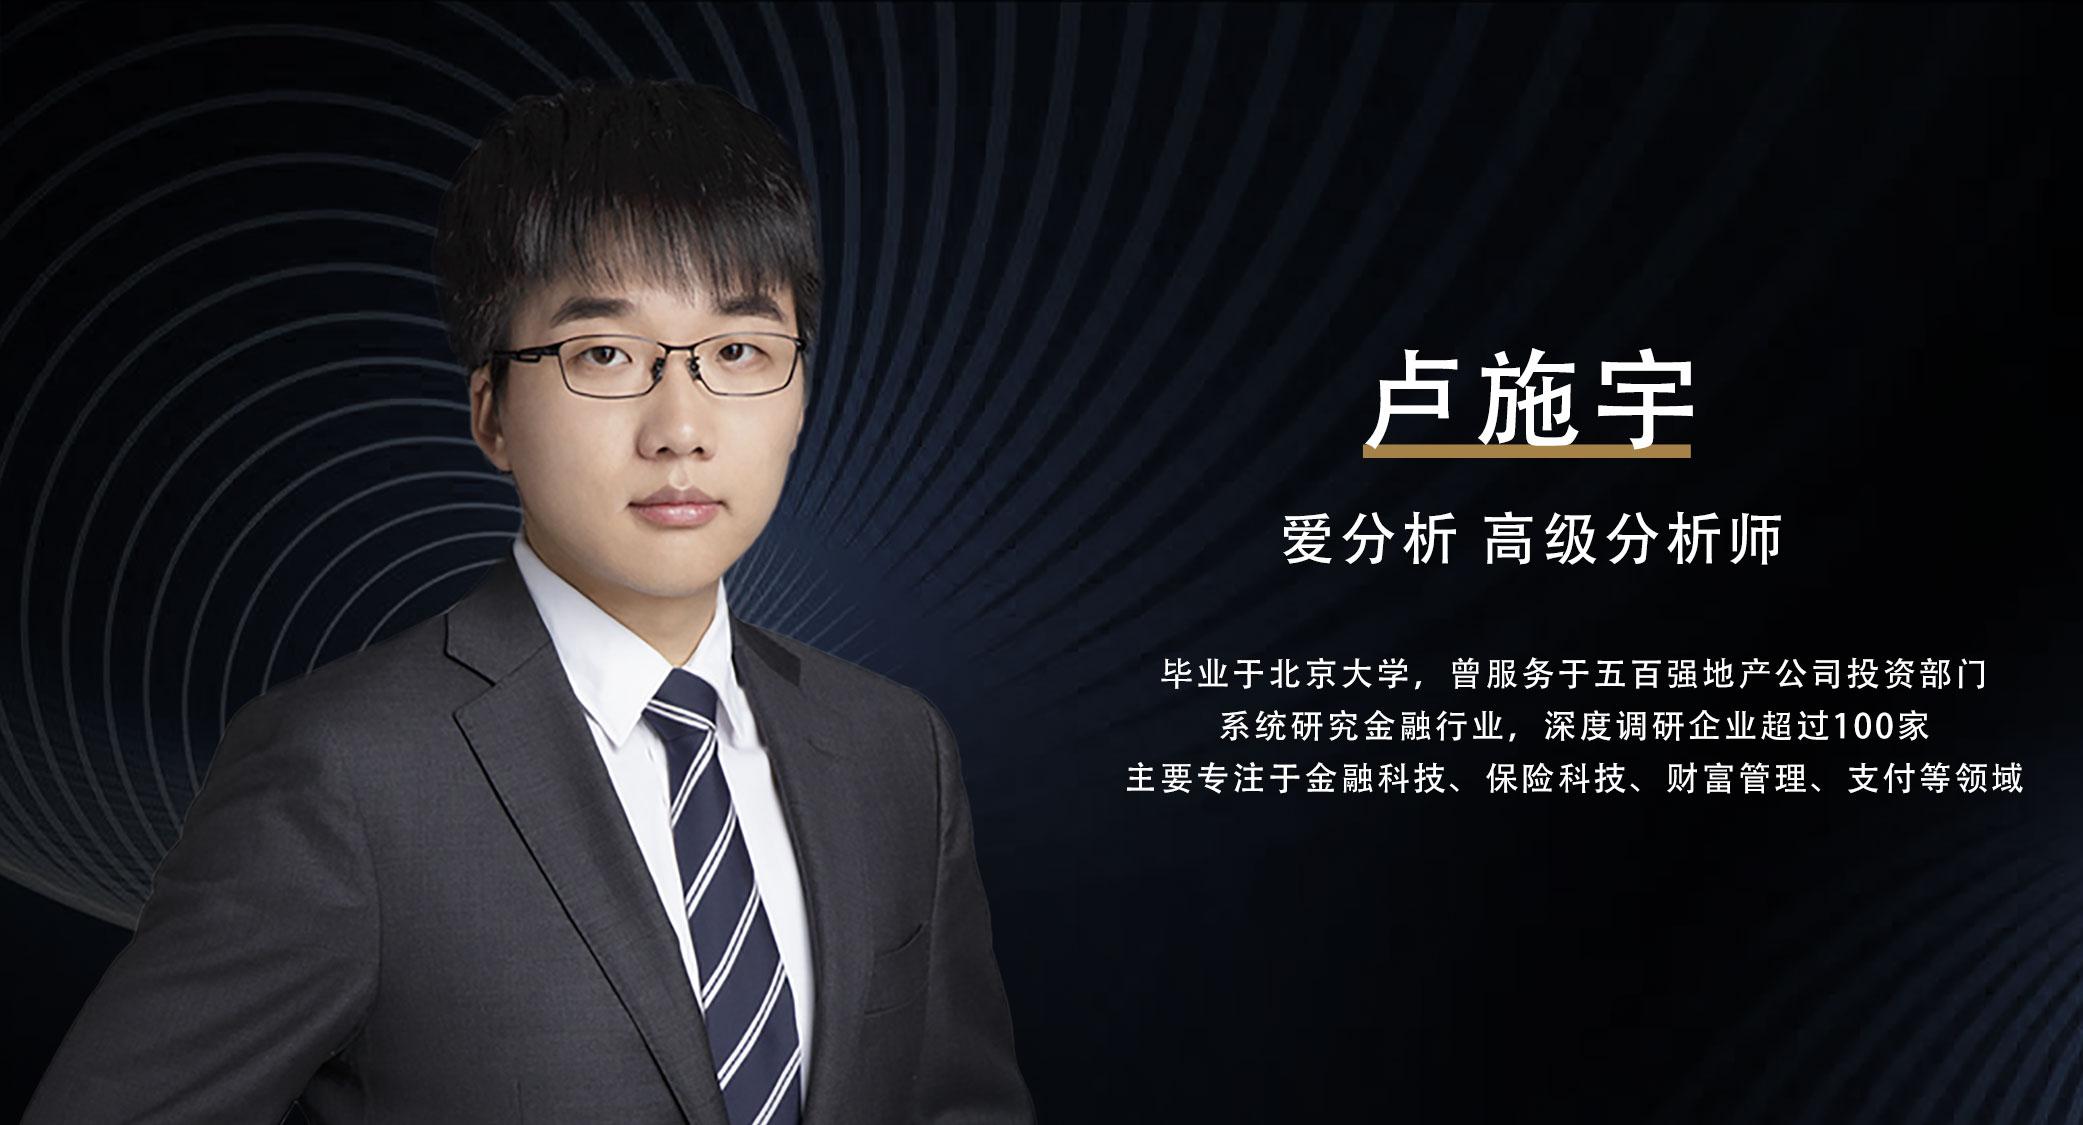 精品课上海站,两天看懂金融科技、企业云两大赛道 | 爱分析精品课-ifenxi